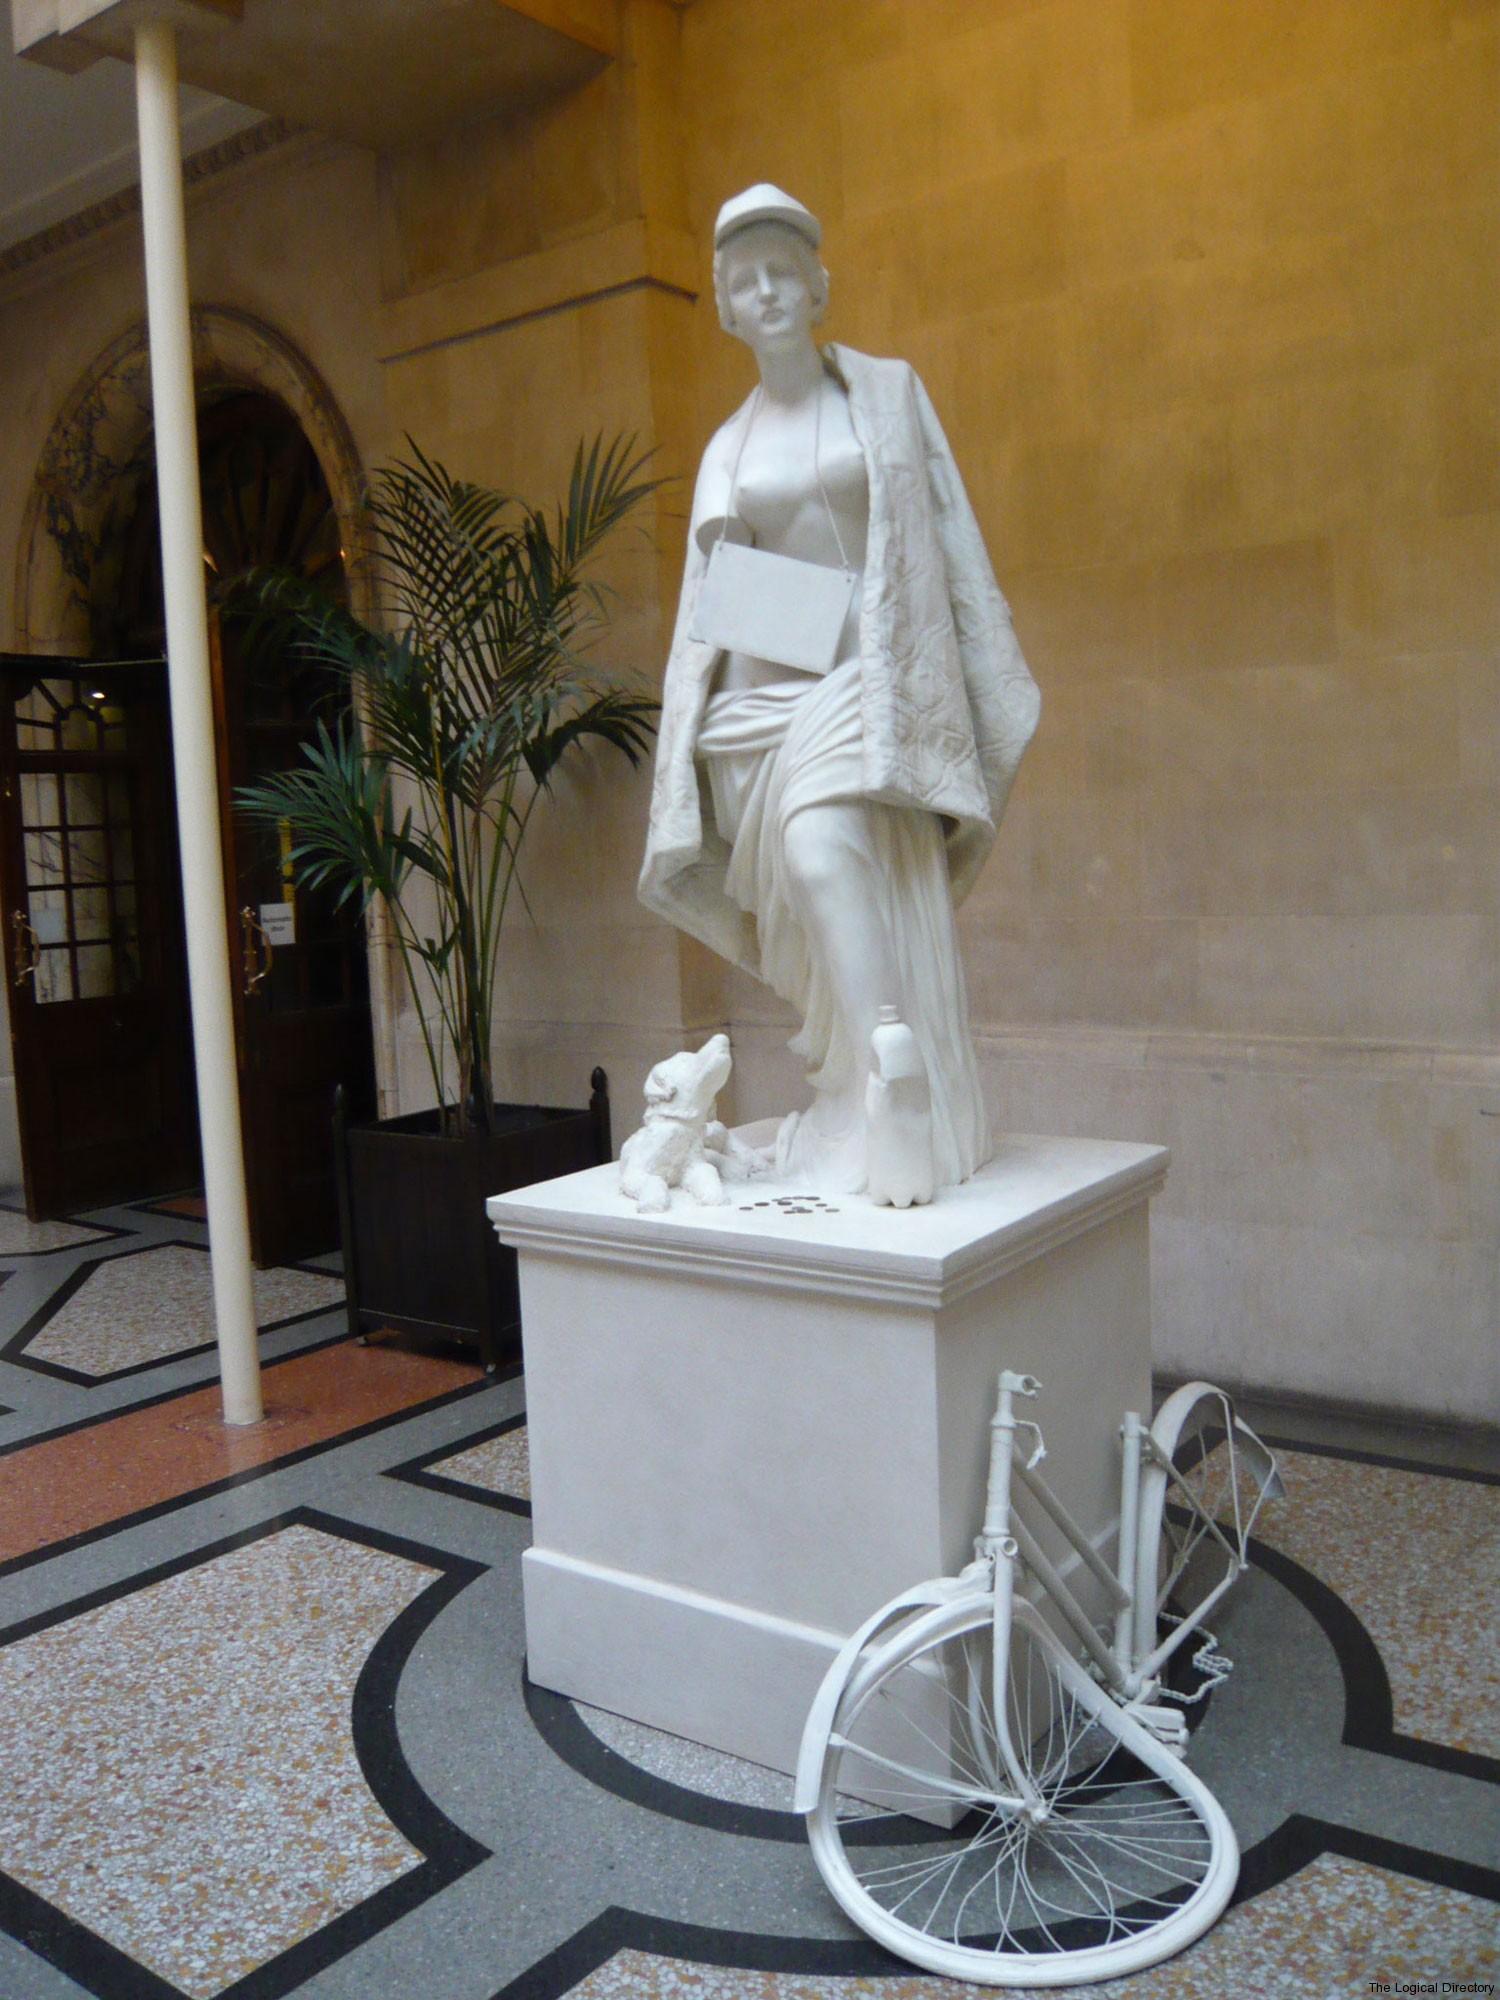 Banksys Venus De Milo